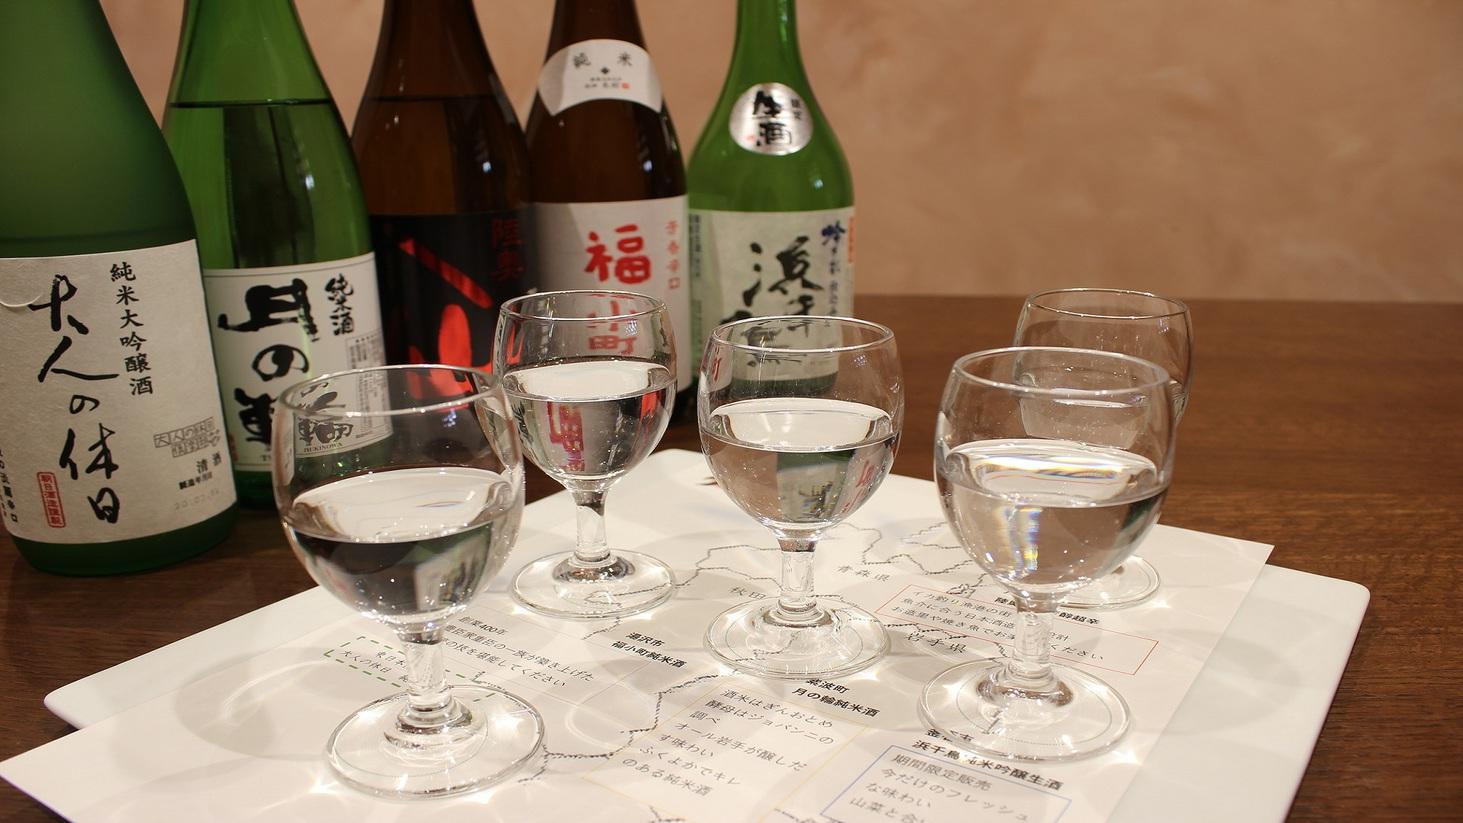 【日本料理 対い鶴】北東北巡り旅 利き酒セットと共にお食事をお楽しみください